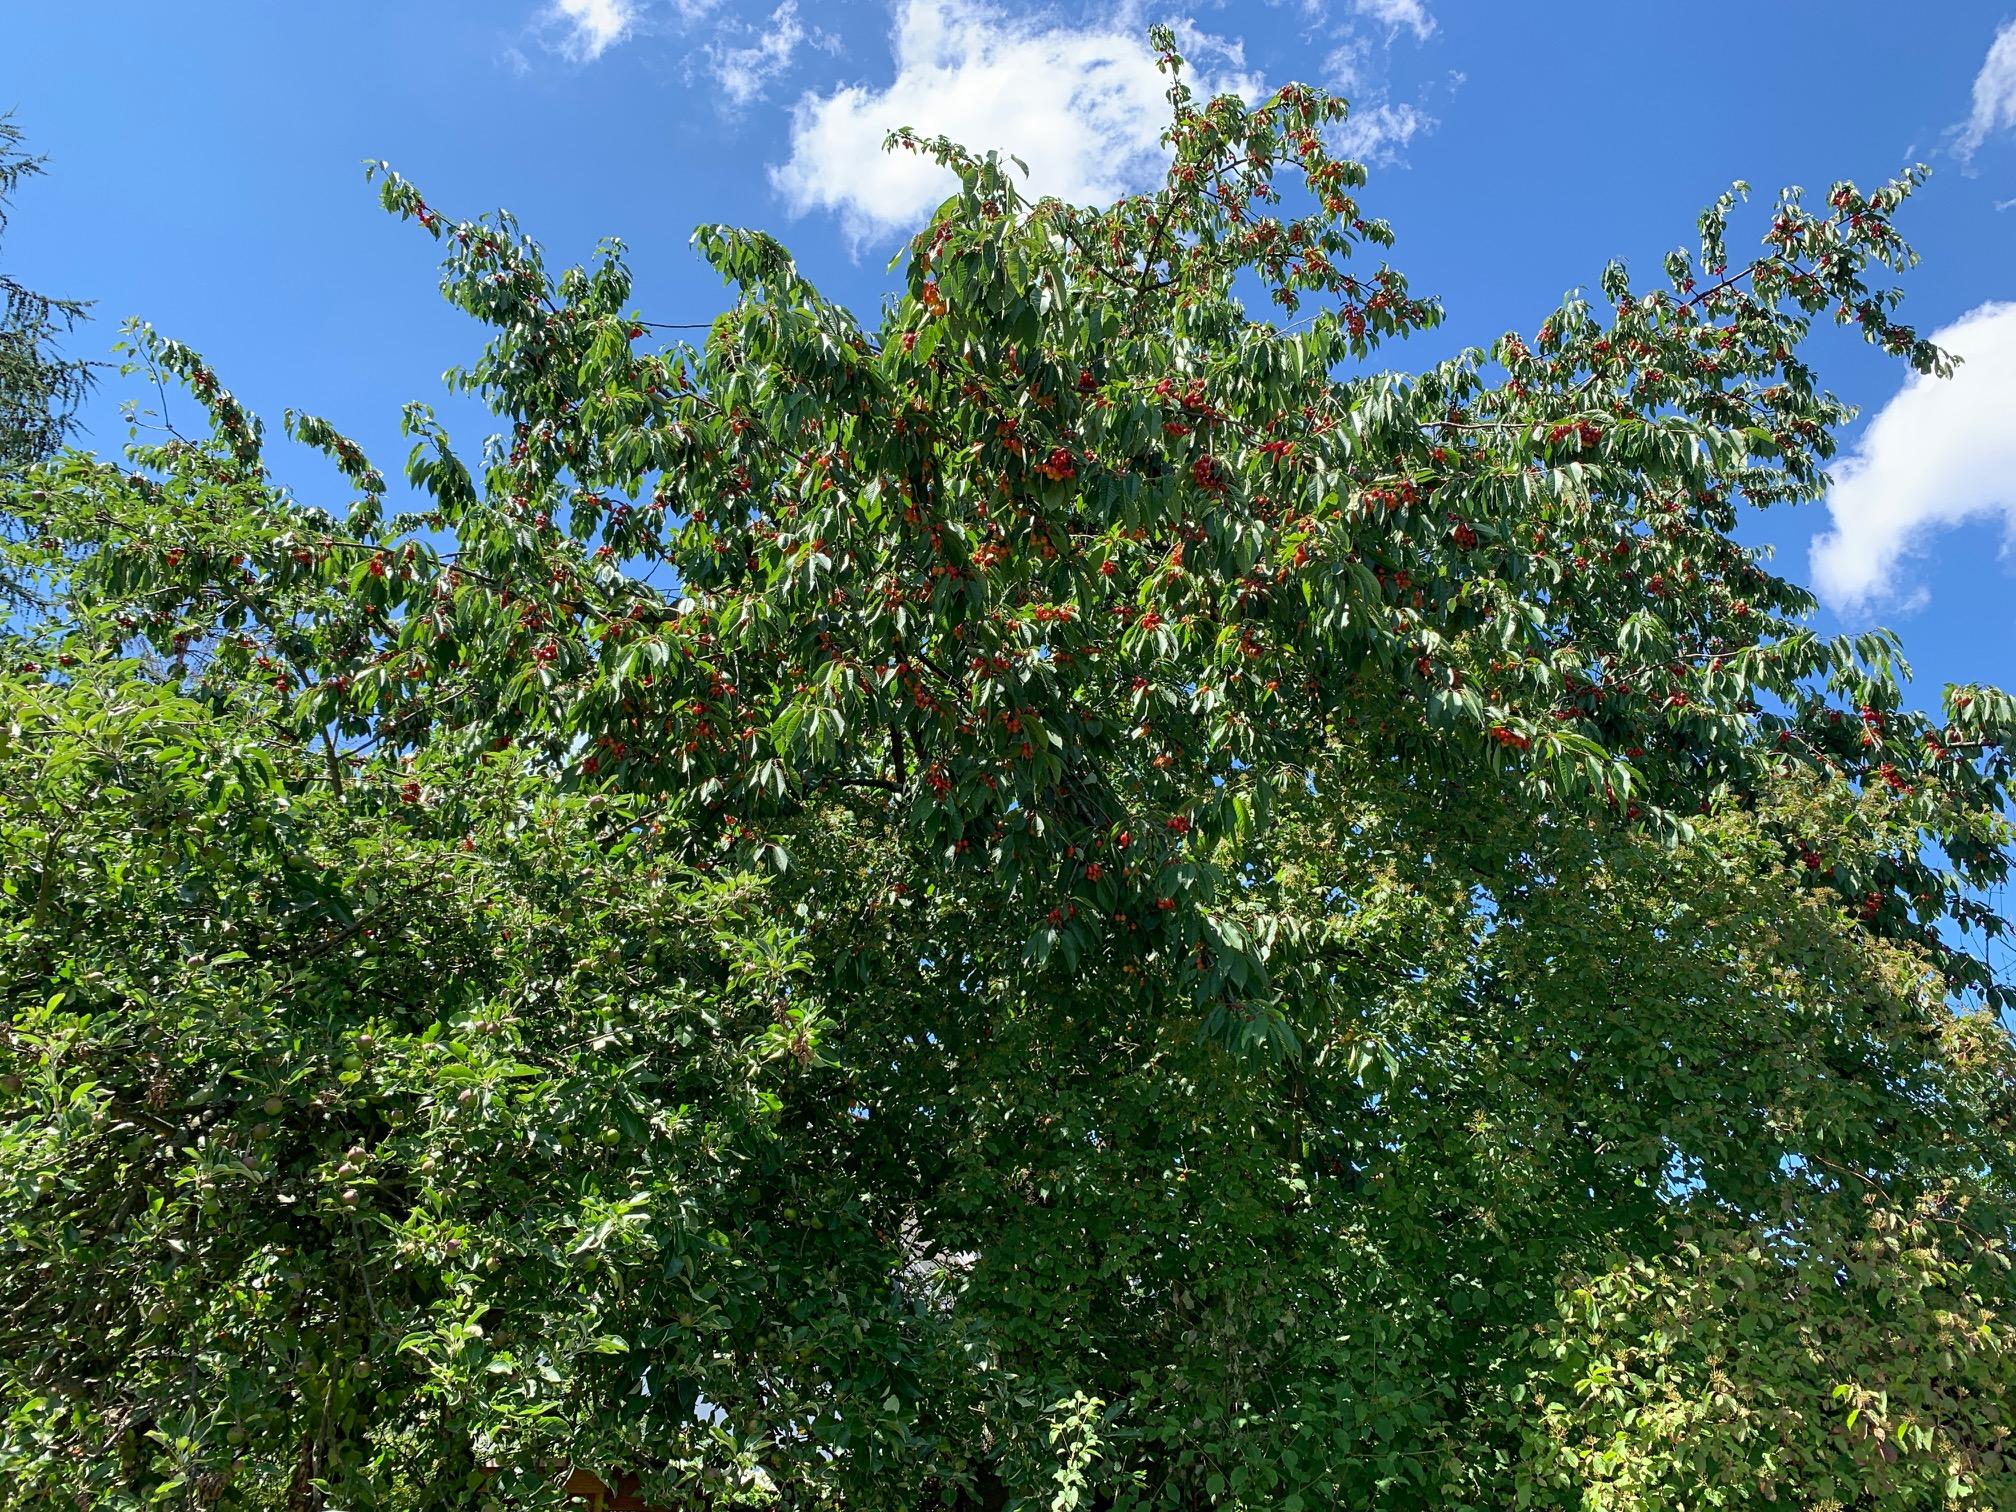 Baumkrone und blauer Himmel